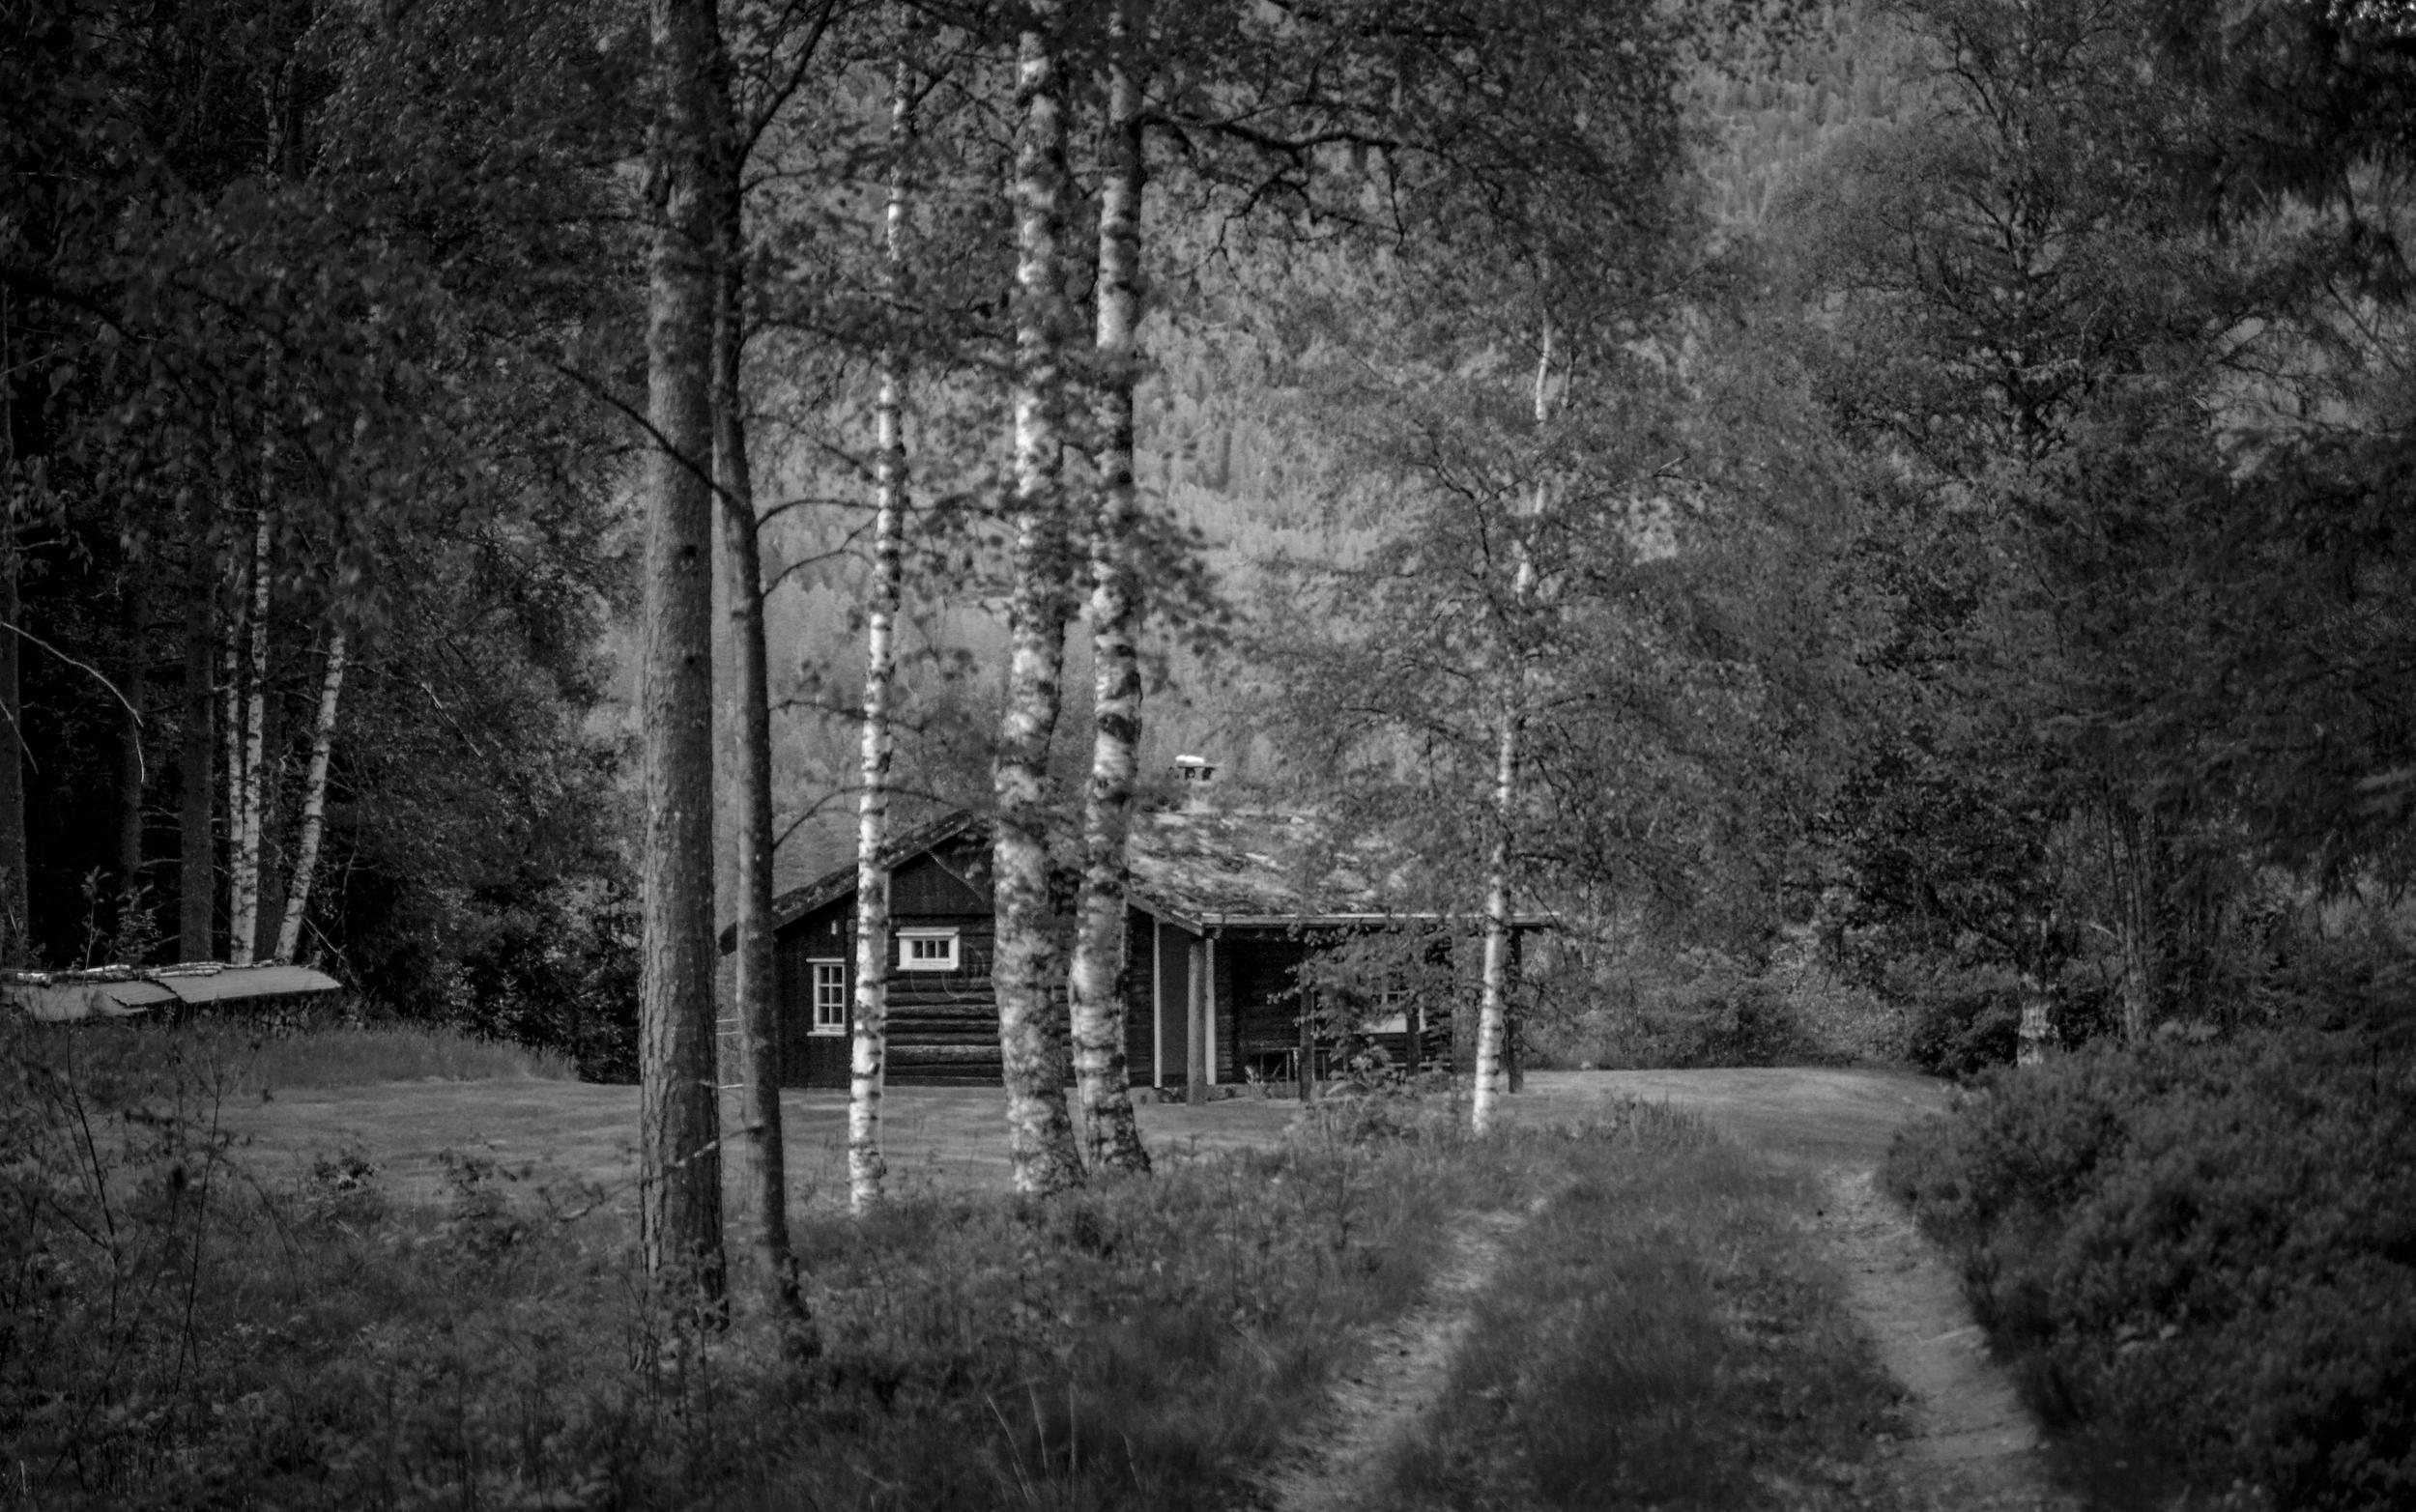 Hjartdal, Norway